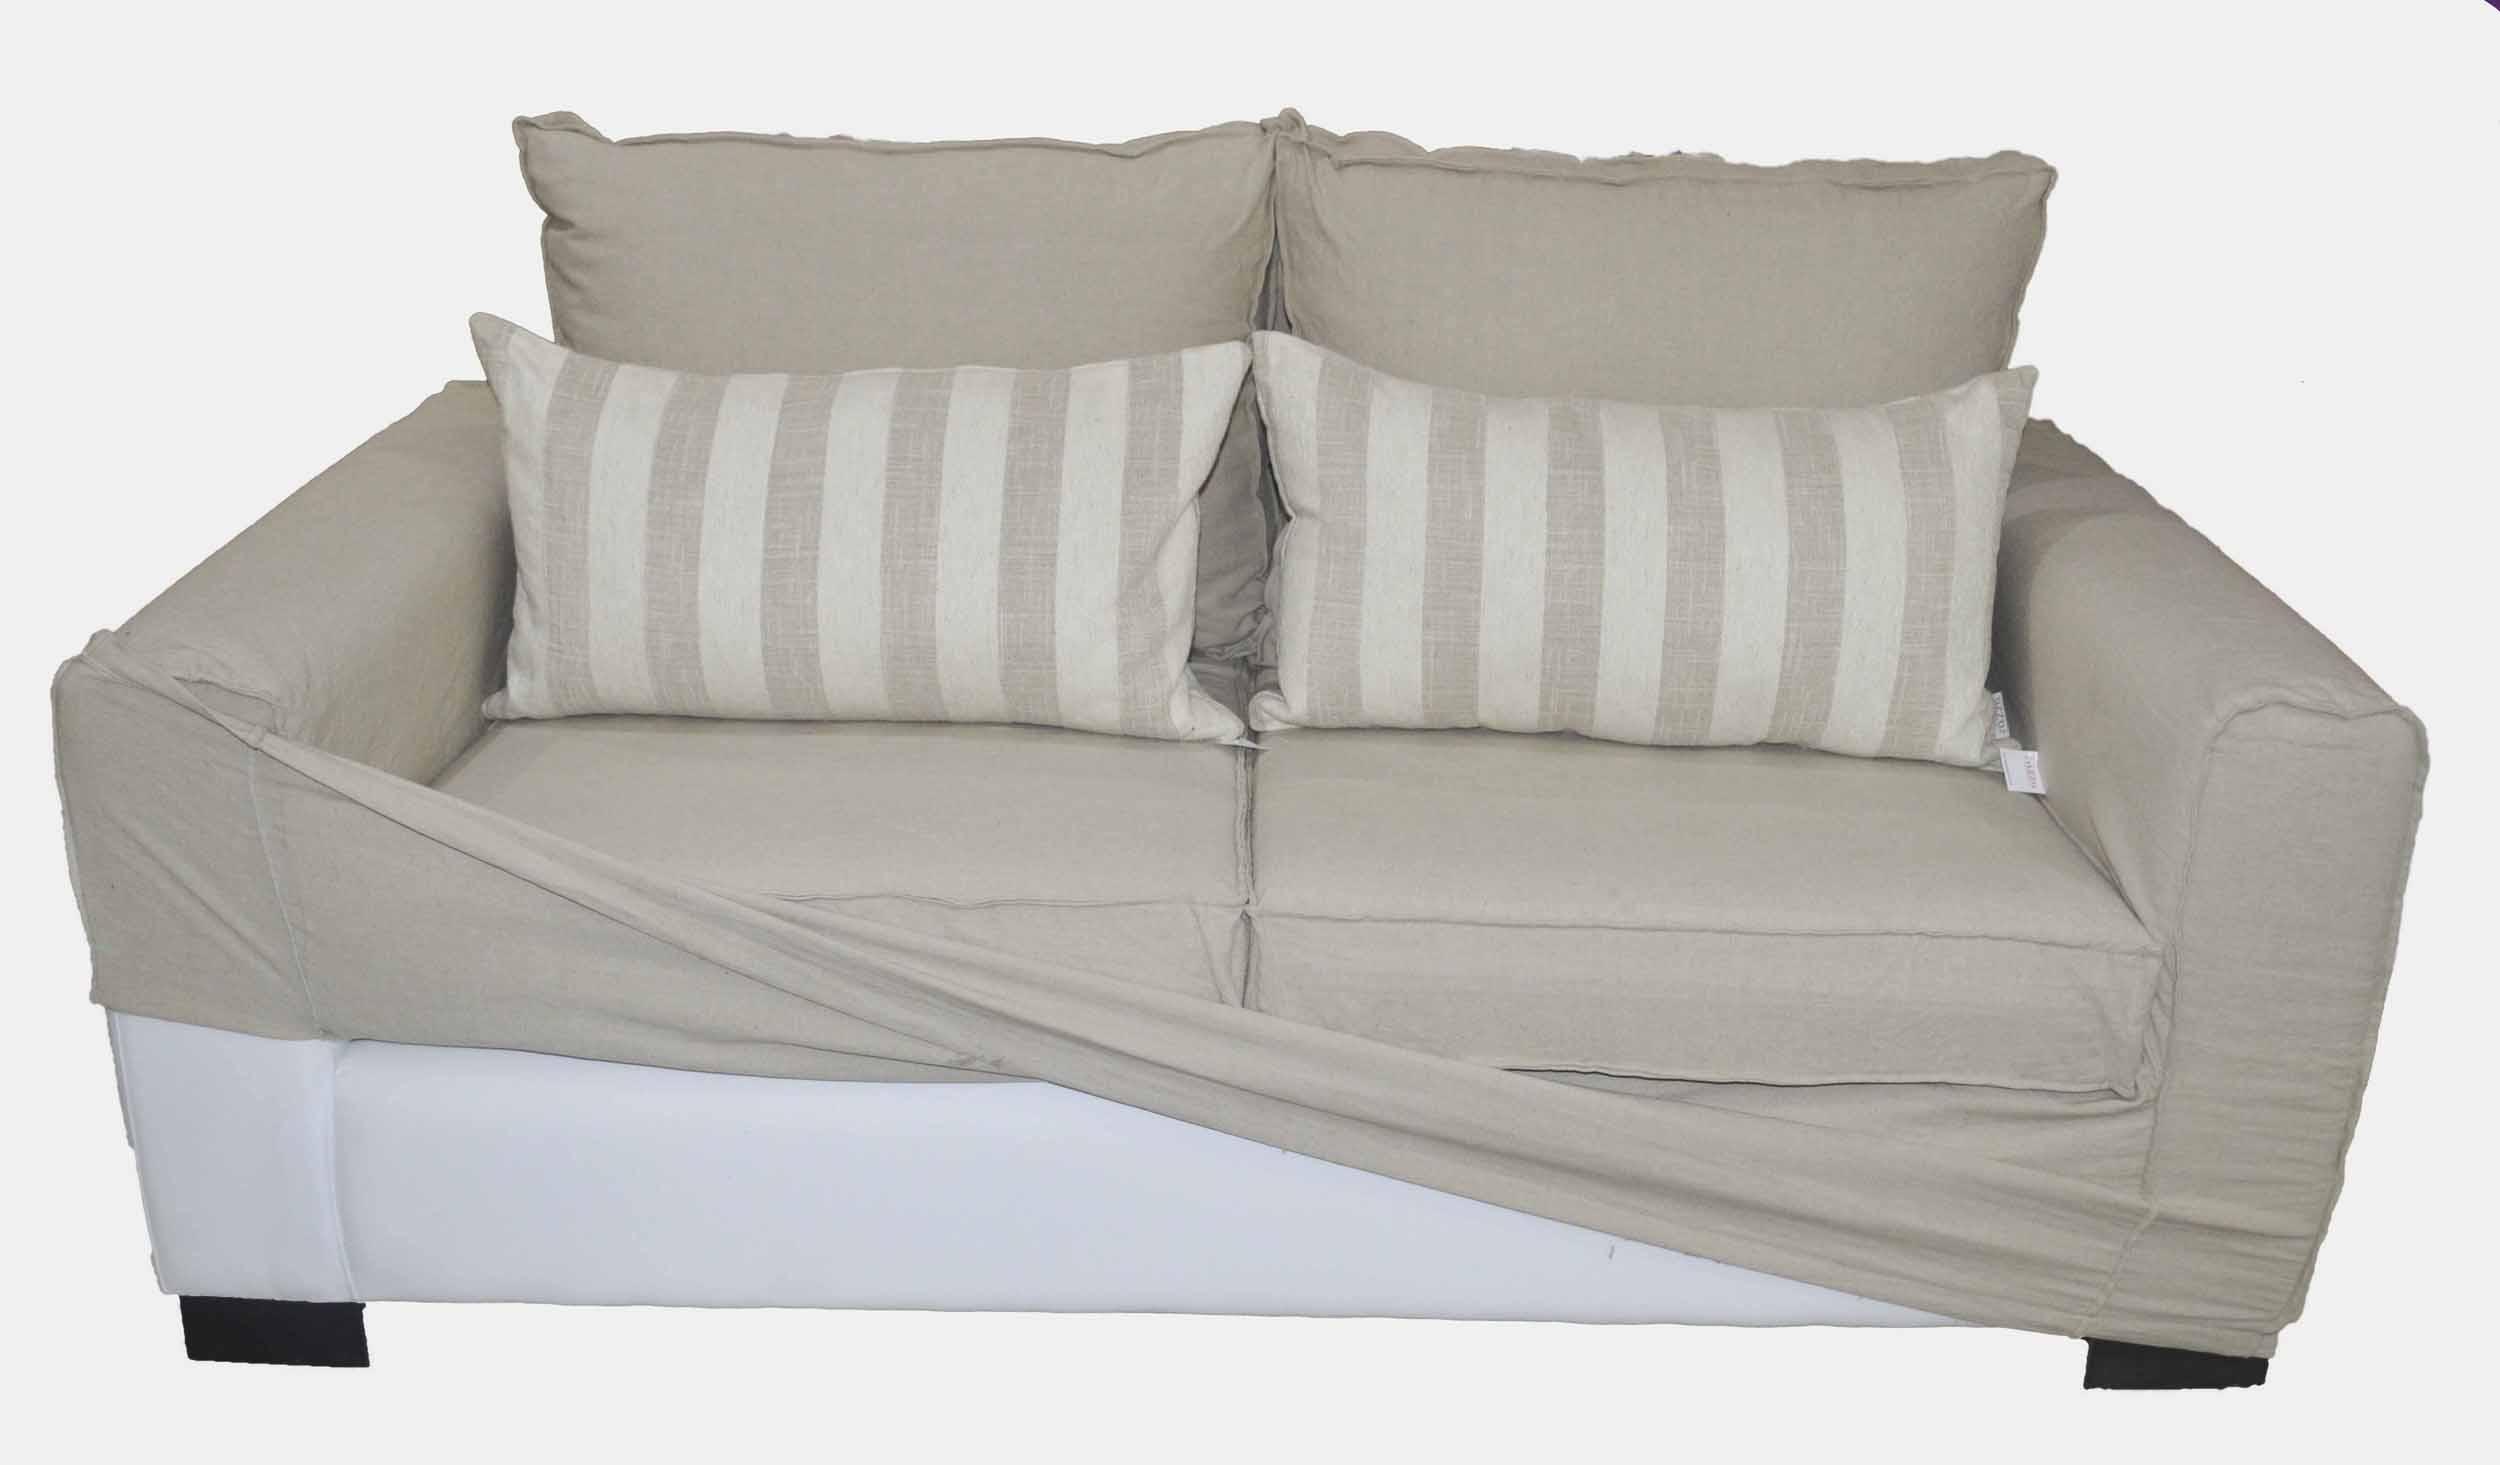 Sofa renata con funda en lino - Fundas de sillones a medida ...